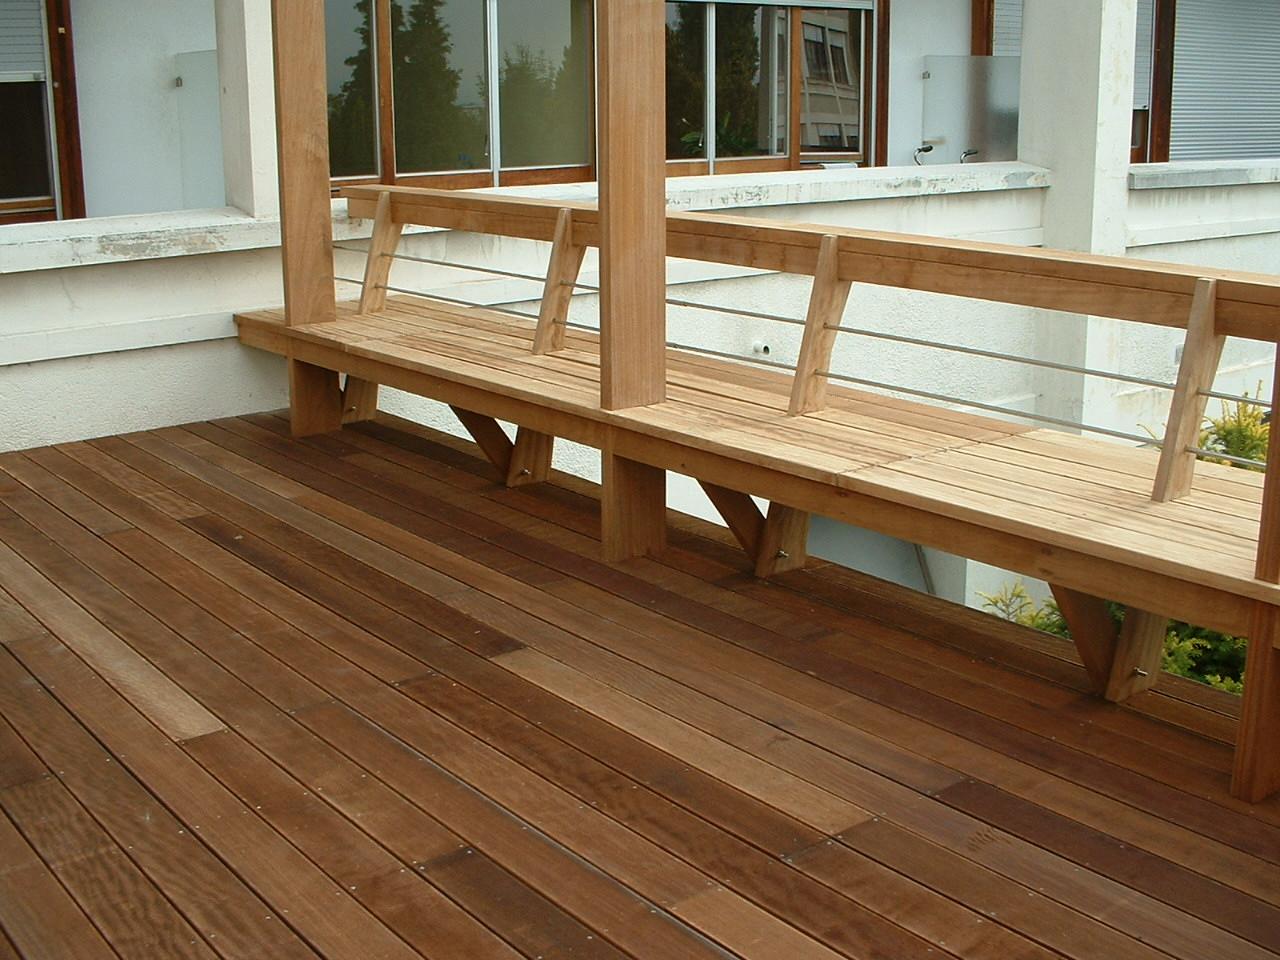 Banc et terrasse en bois